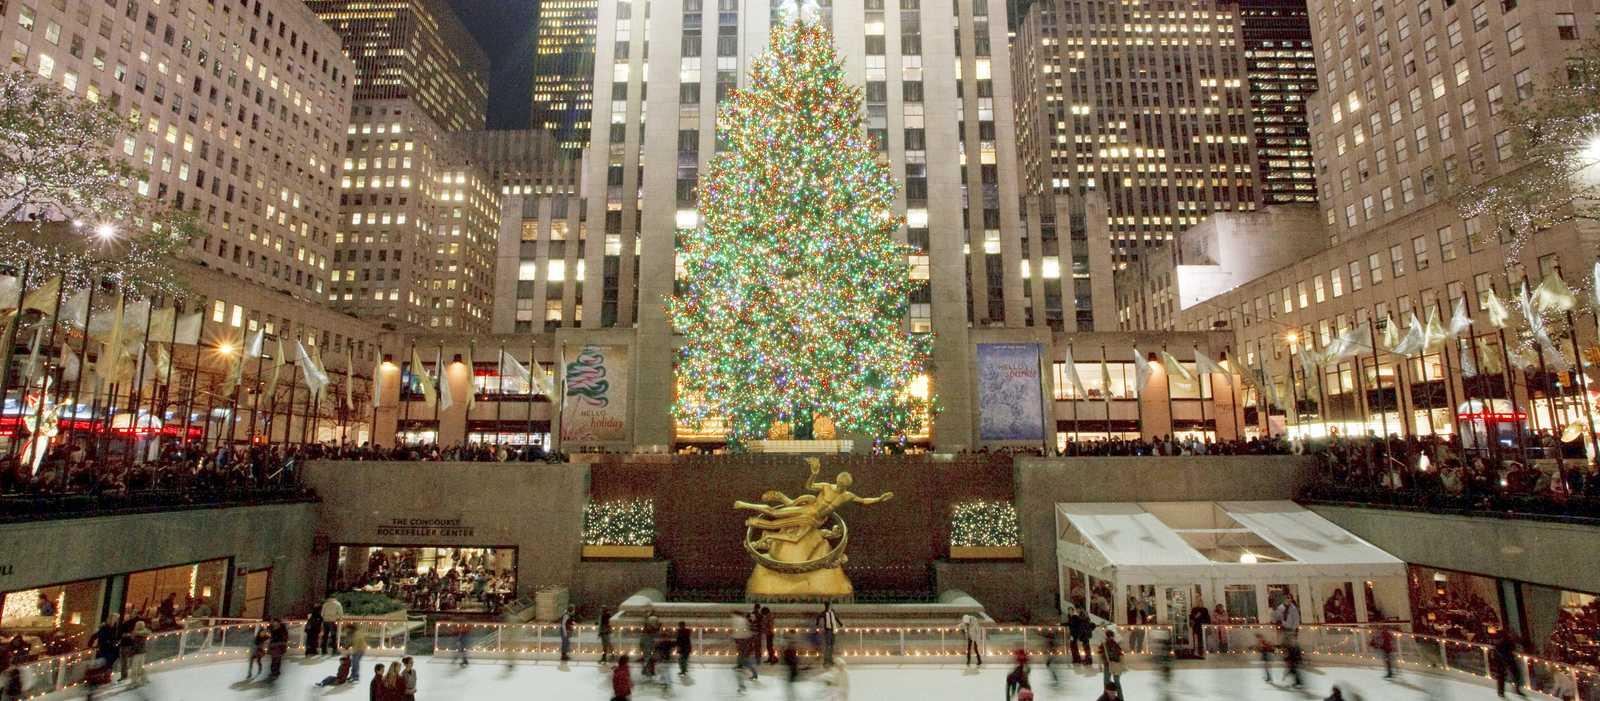 Eislaufbahn am Rockefeller Center